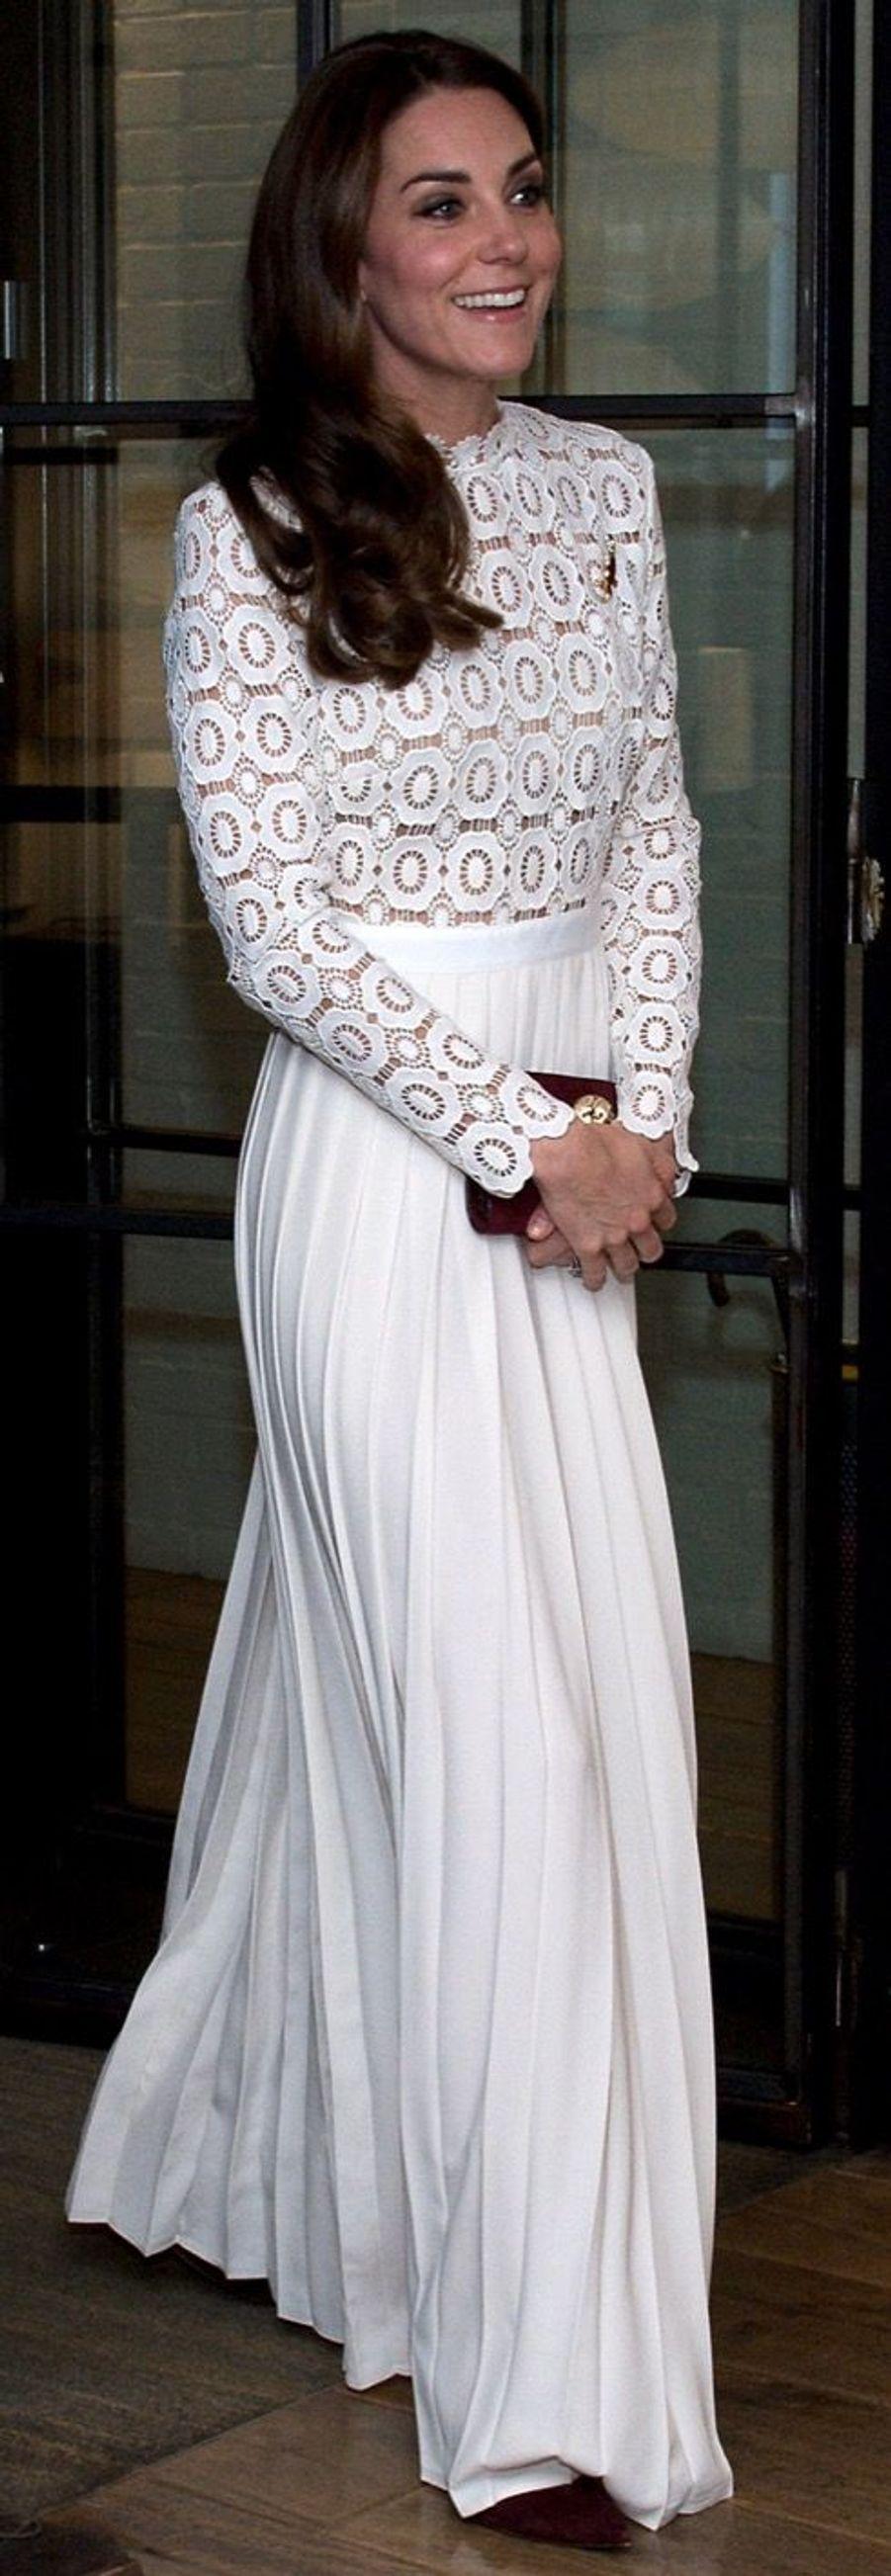 Kate, défilé glamour sur le tapis rouge